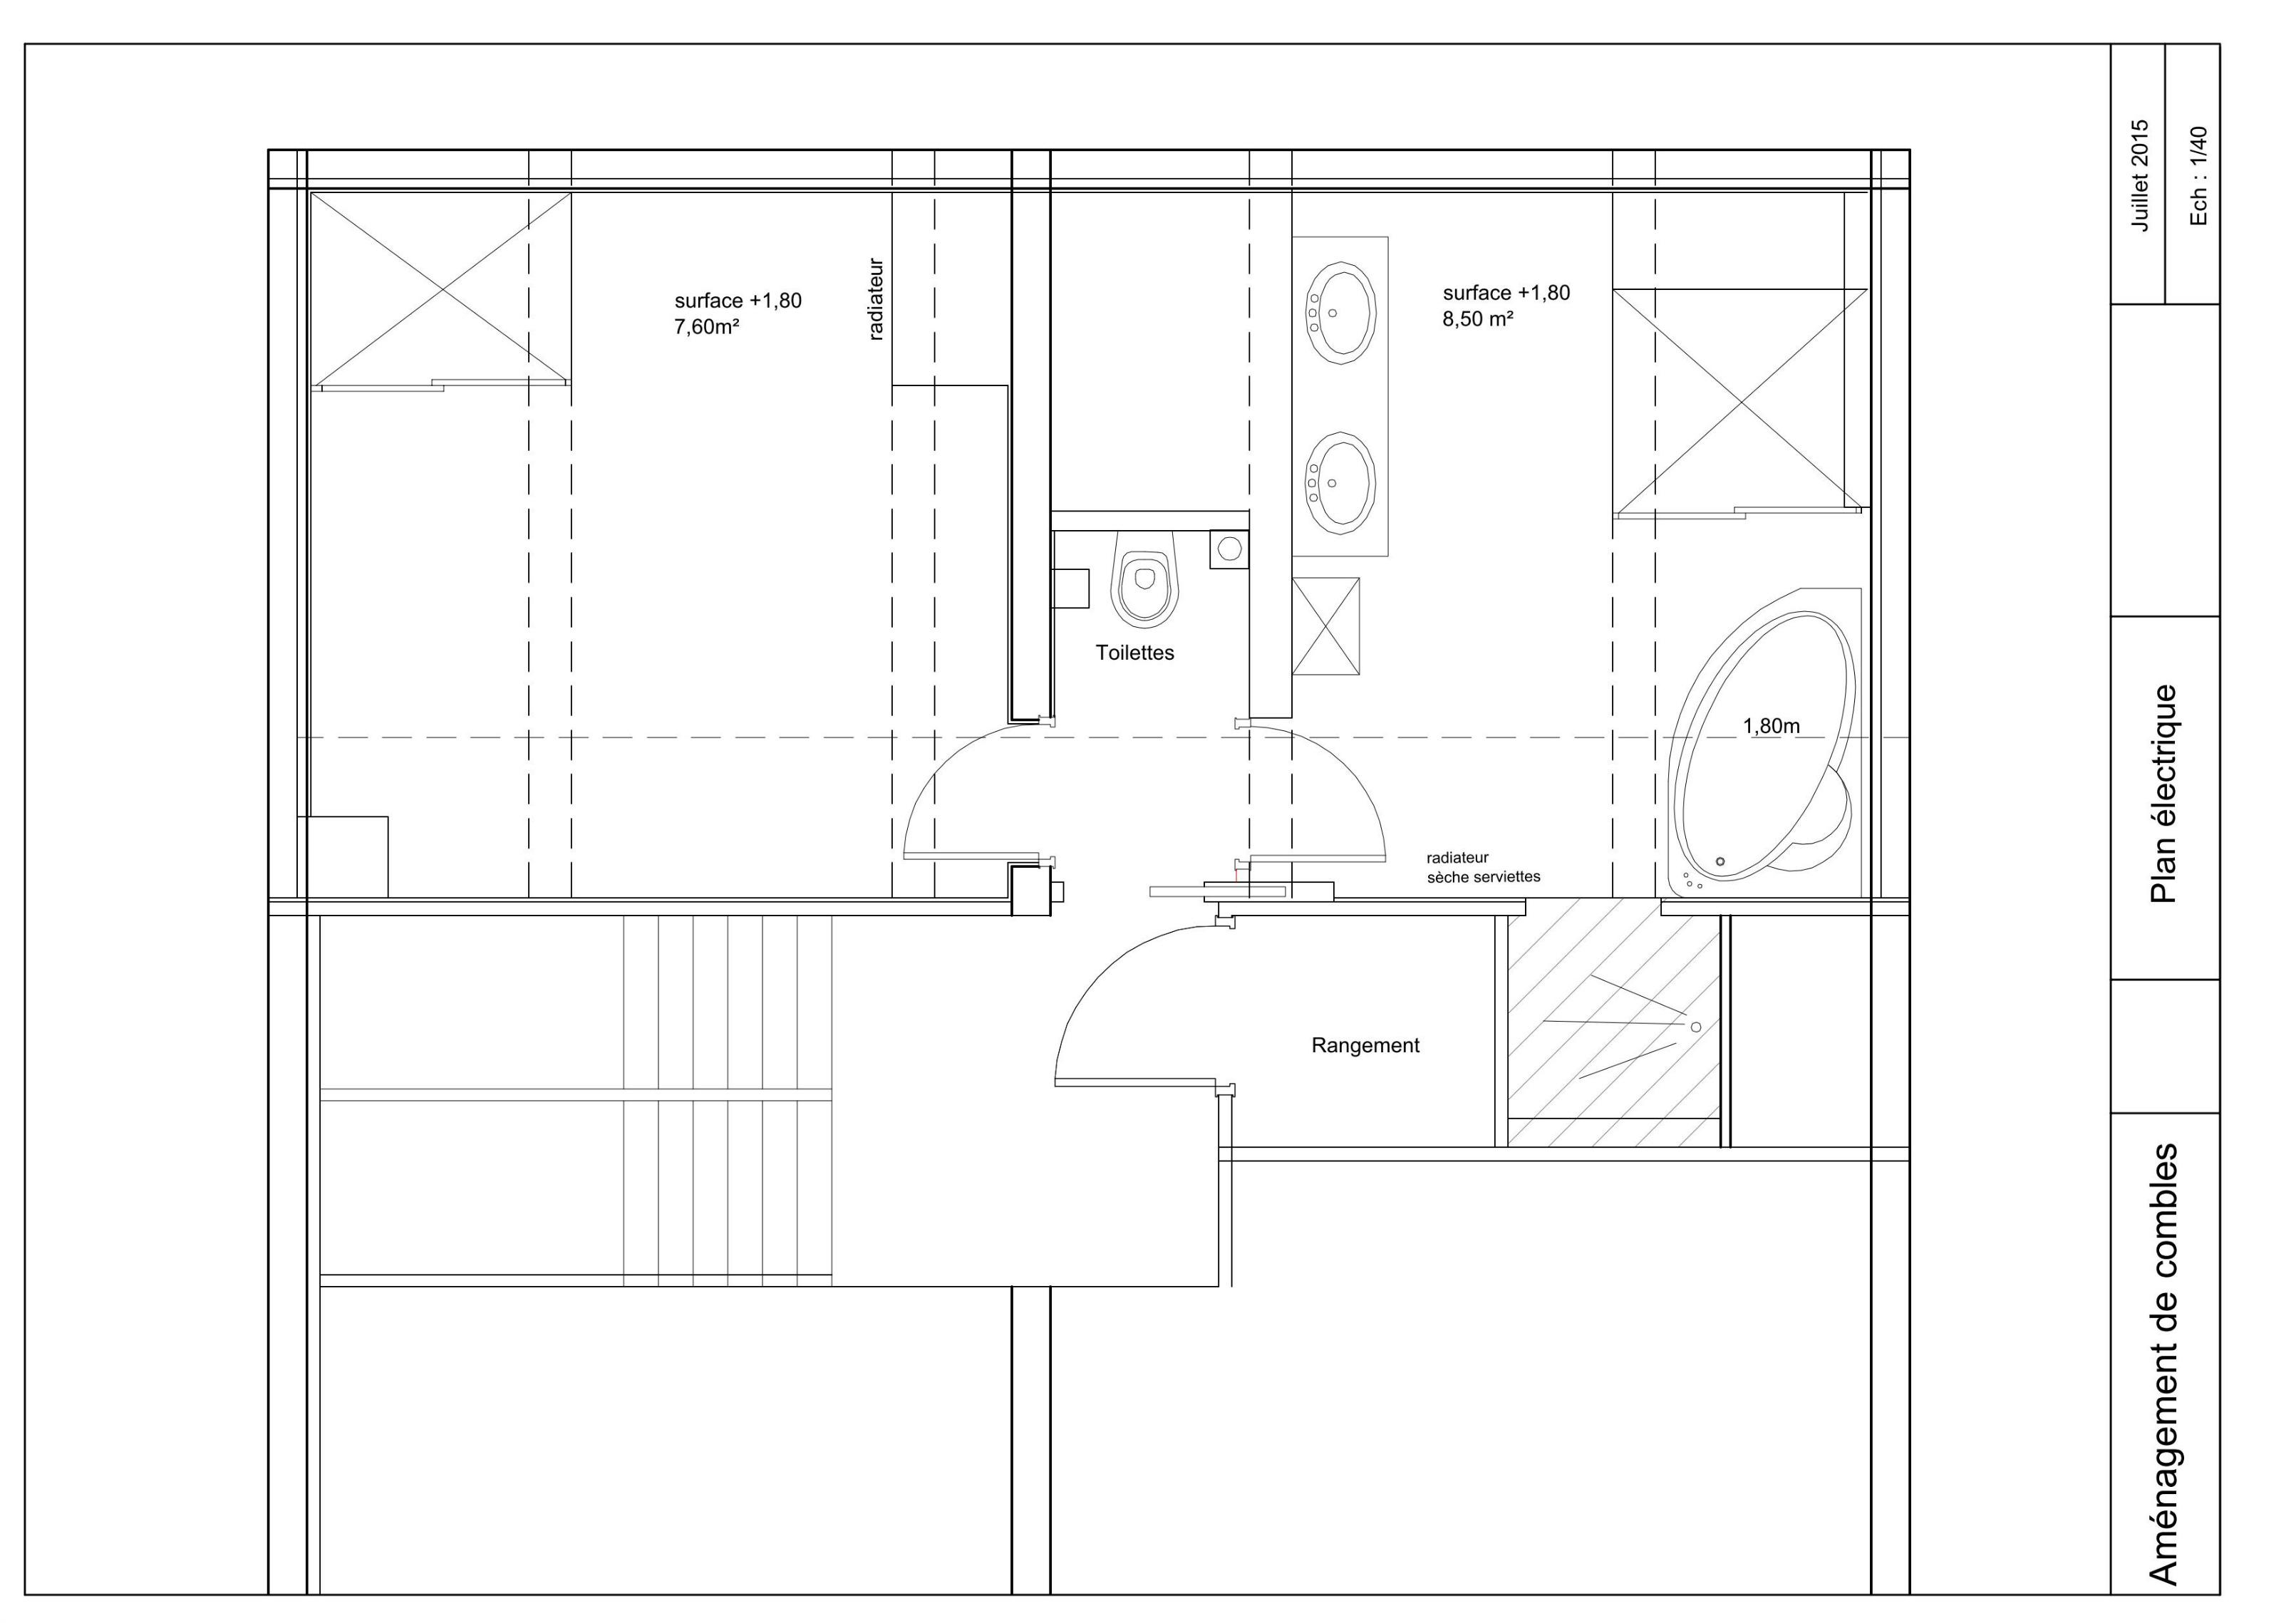 salle-de-bain-et-chambre-plan